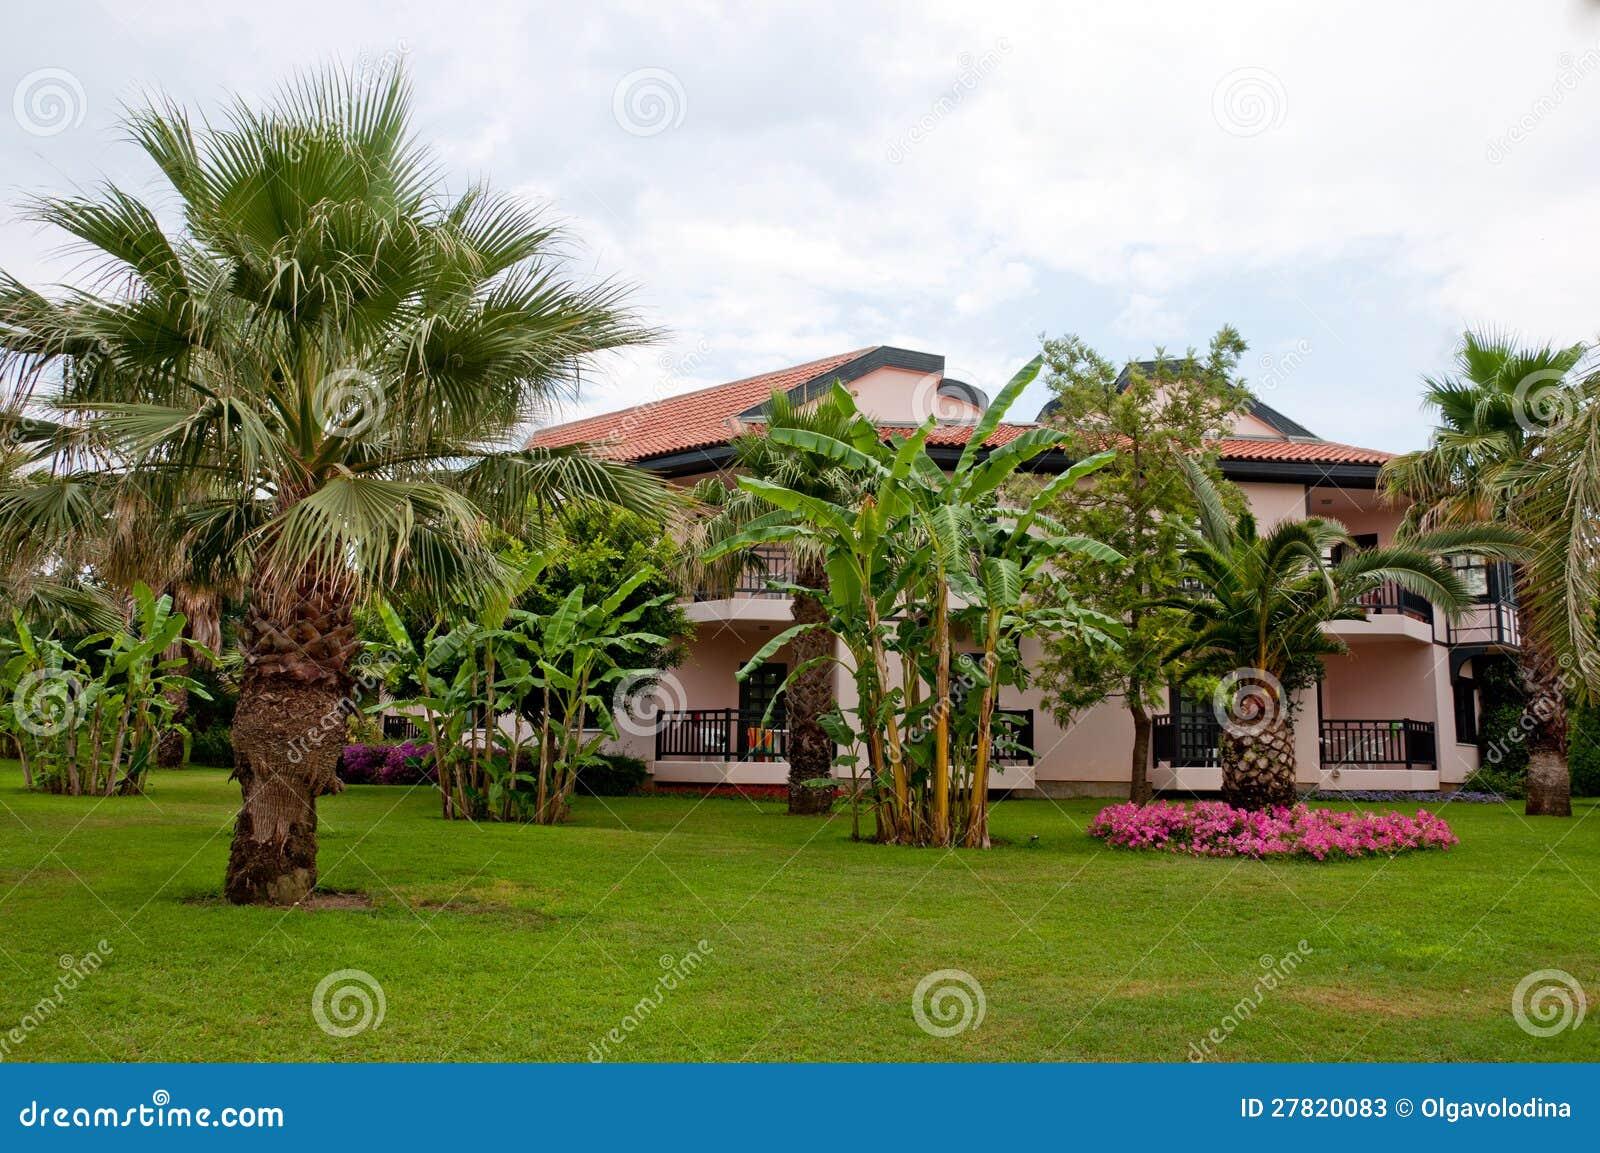 Casa di tedesco stile con il giardino tropicale immagine - Giardino tropicale ...